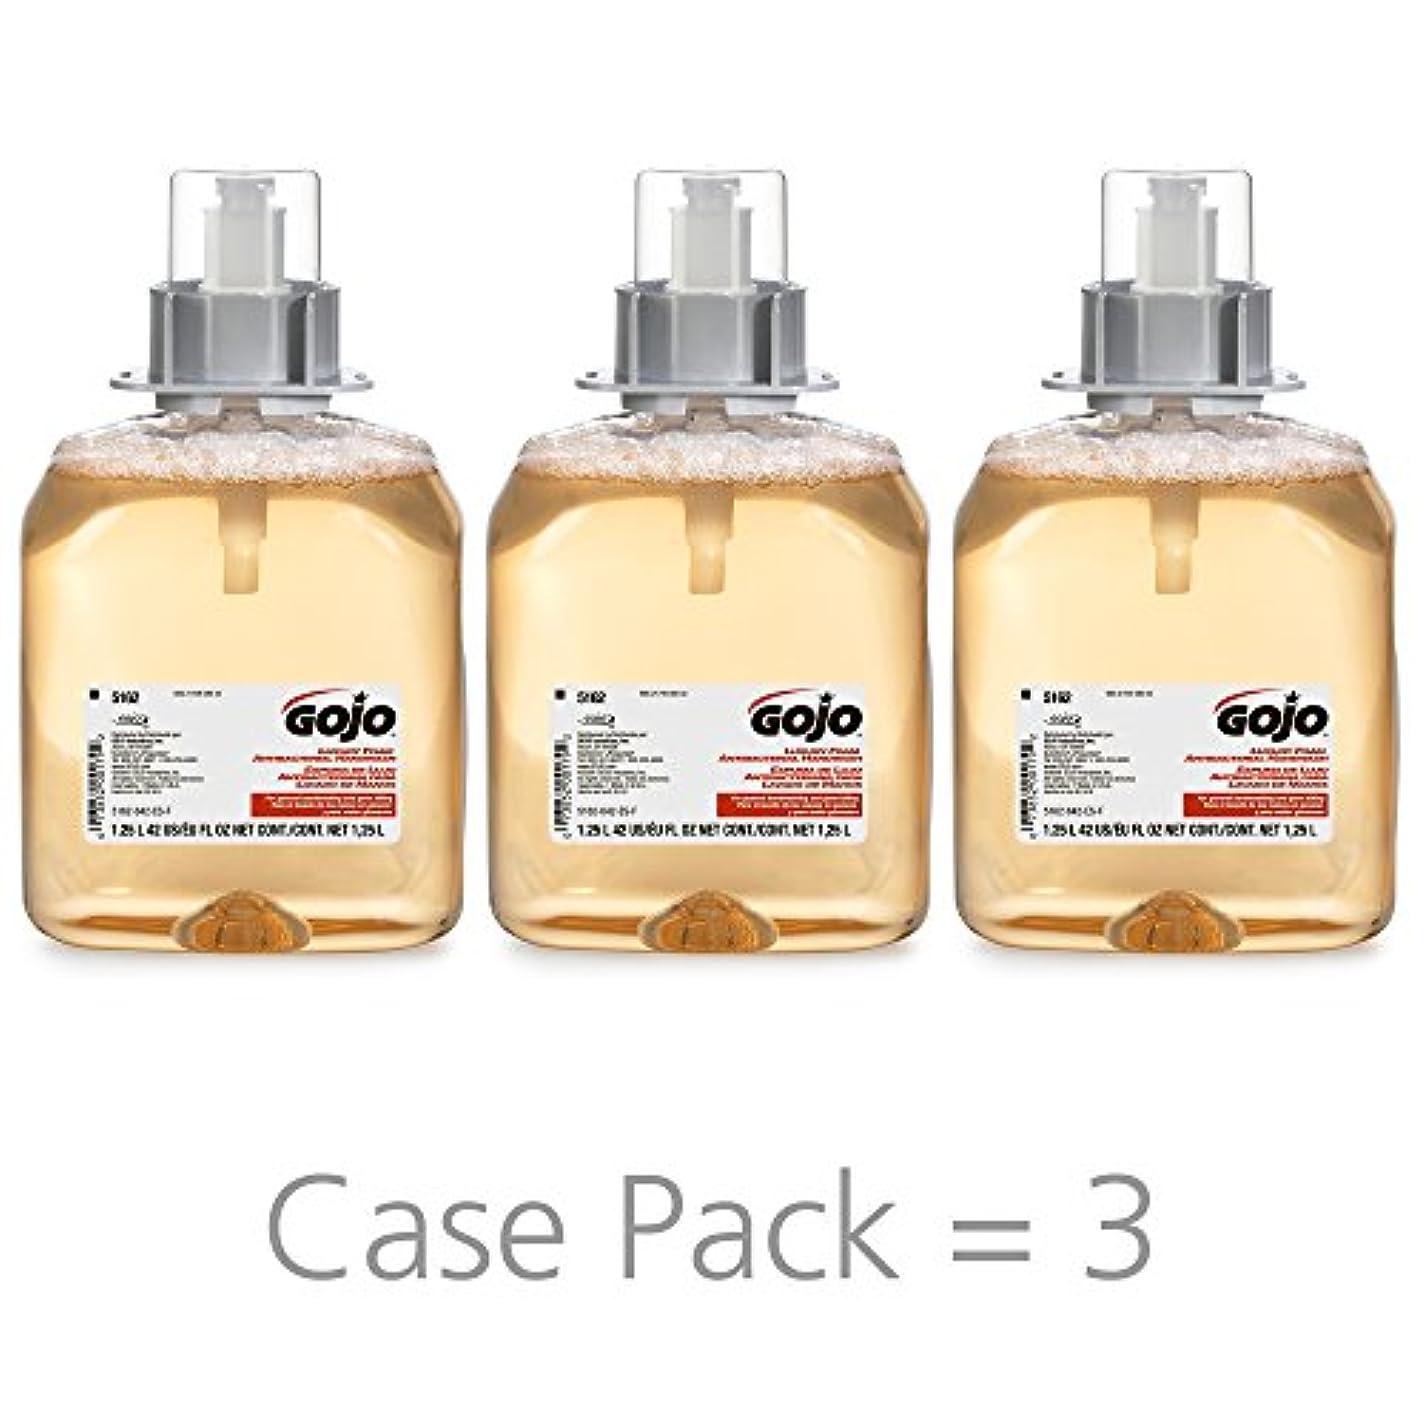 から聞く好きであるコンパスGOJO 516203CT FMX-12 Foam Hand Wash, Fresh Fruit, FMX-12 Dispenser, 1250mL Pump, 3/Carton by Gojo